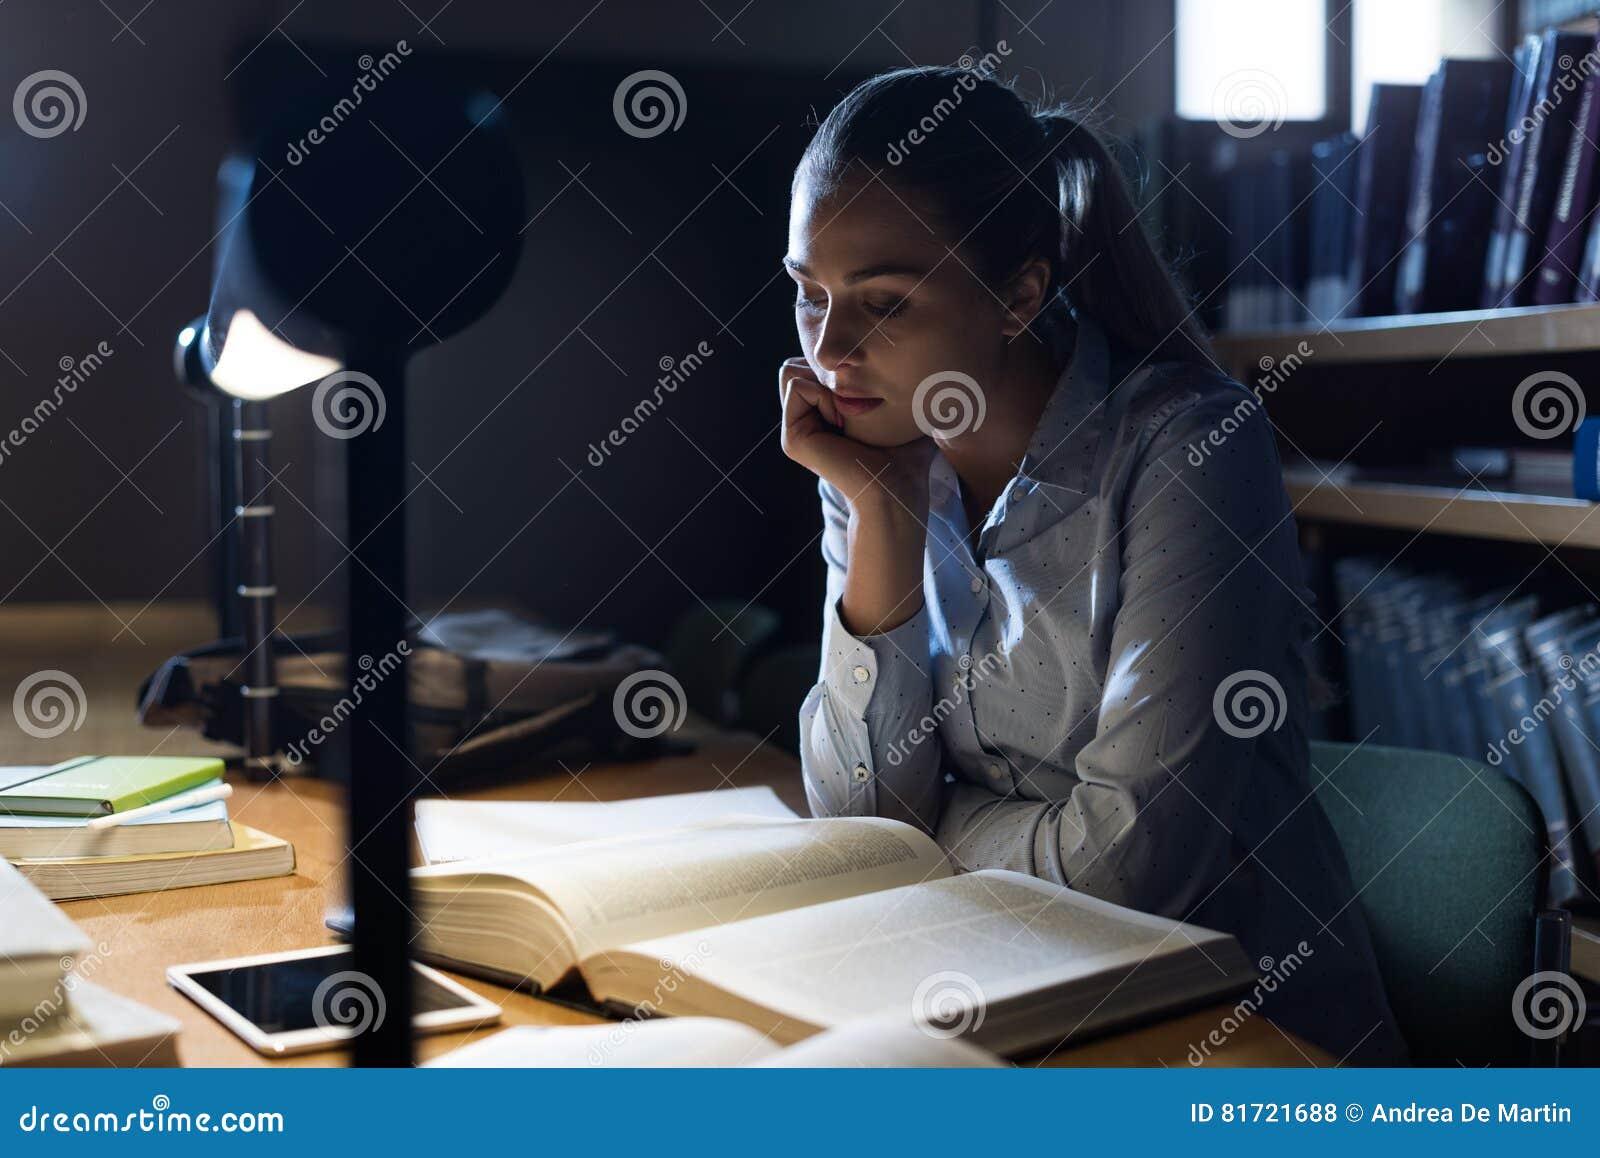 Kobieta studiuje póżno przy nocą